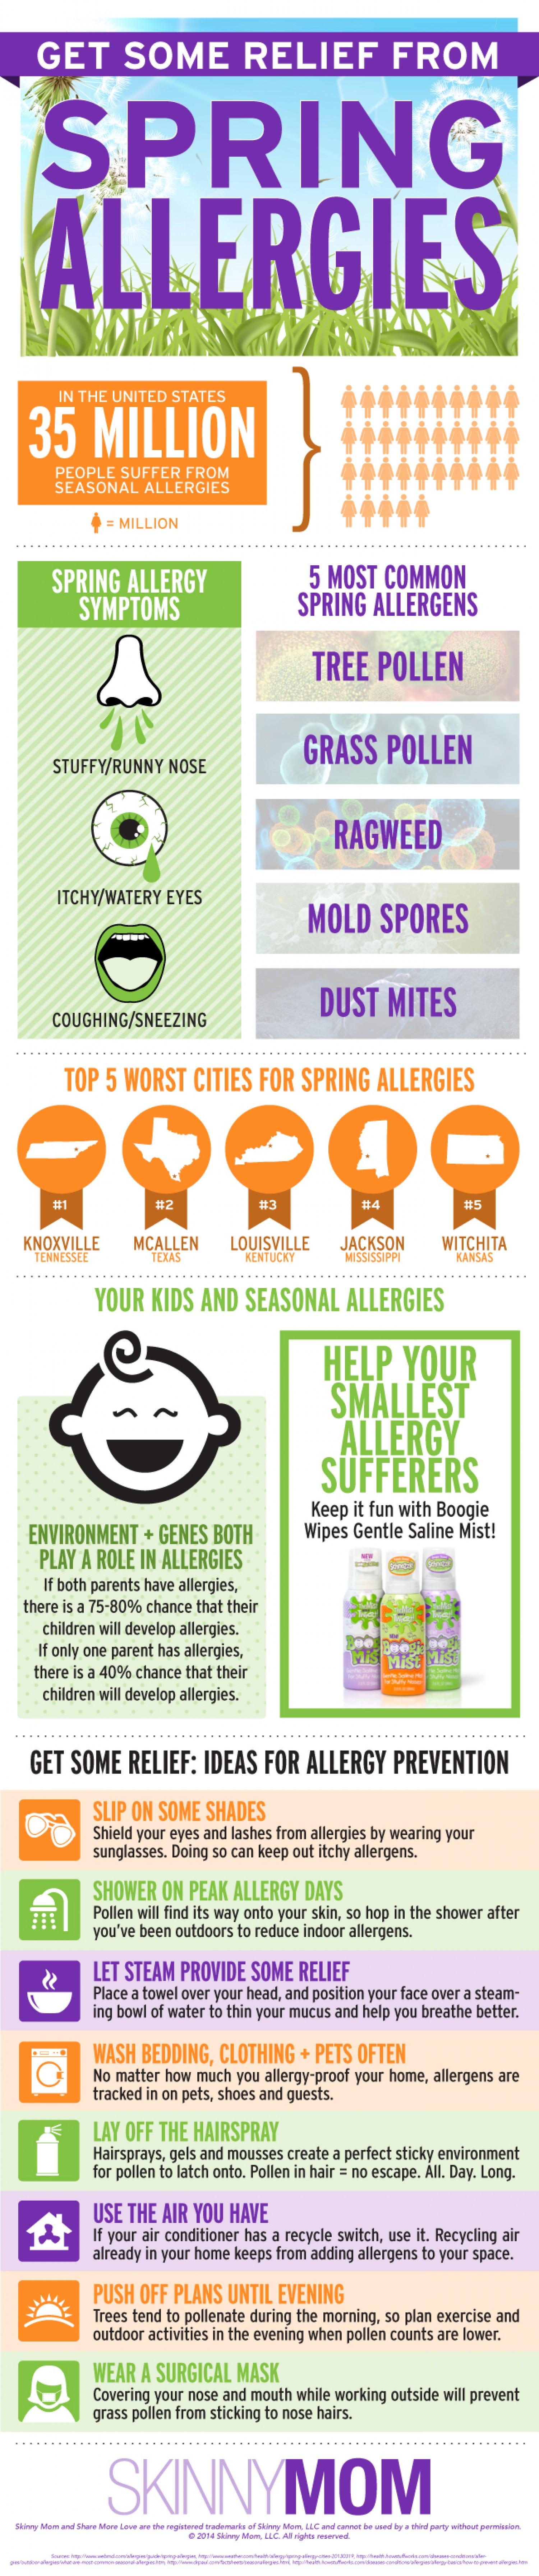 Agape Pharmacy Related Services Spring Allergies Allergies Seasonal Allergies